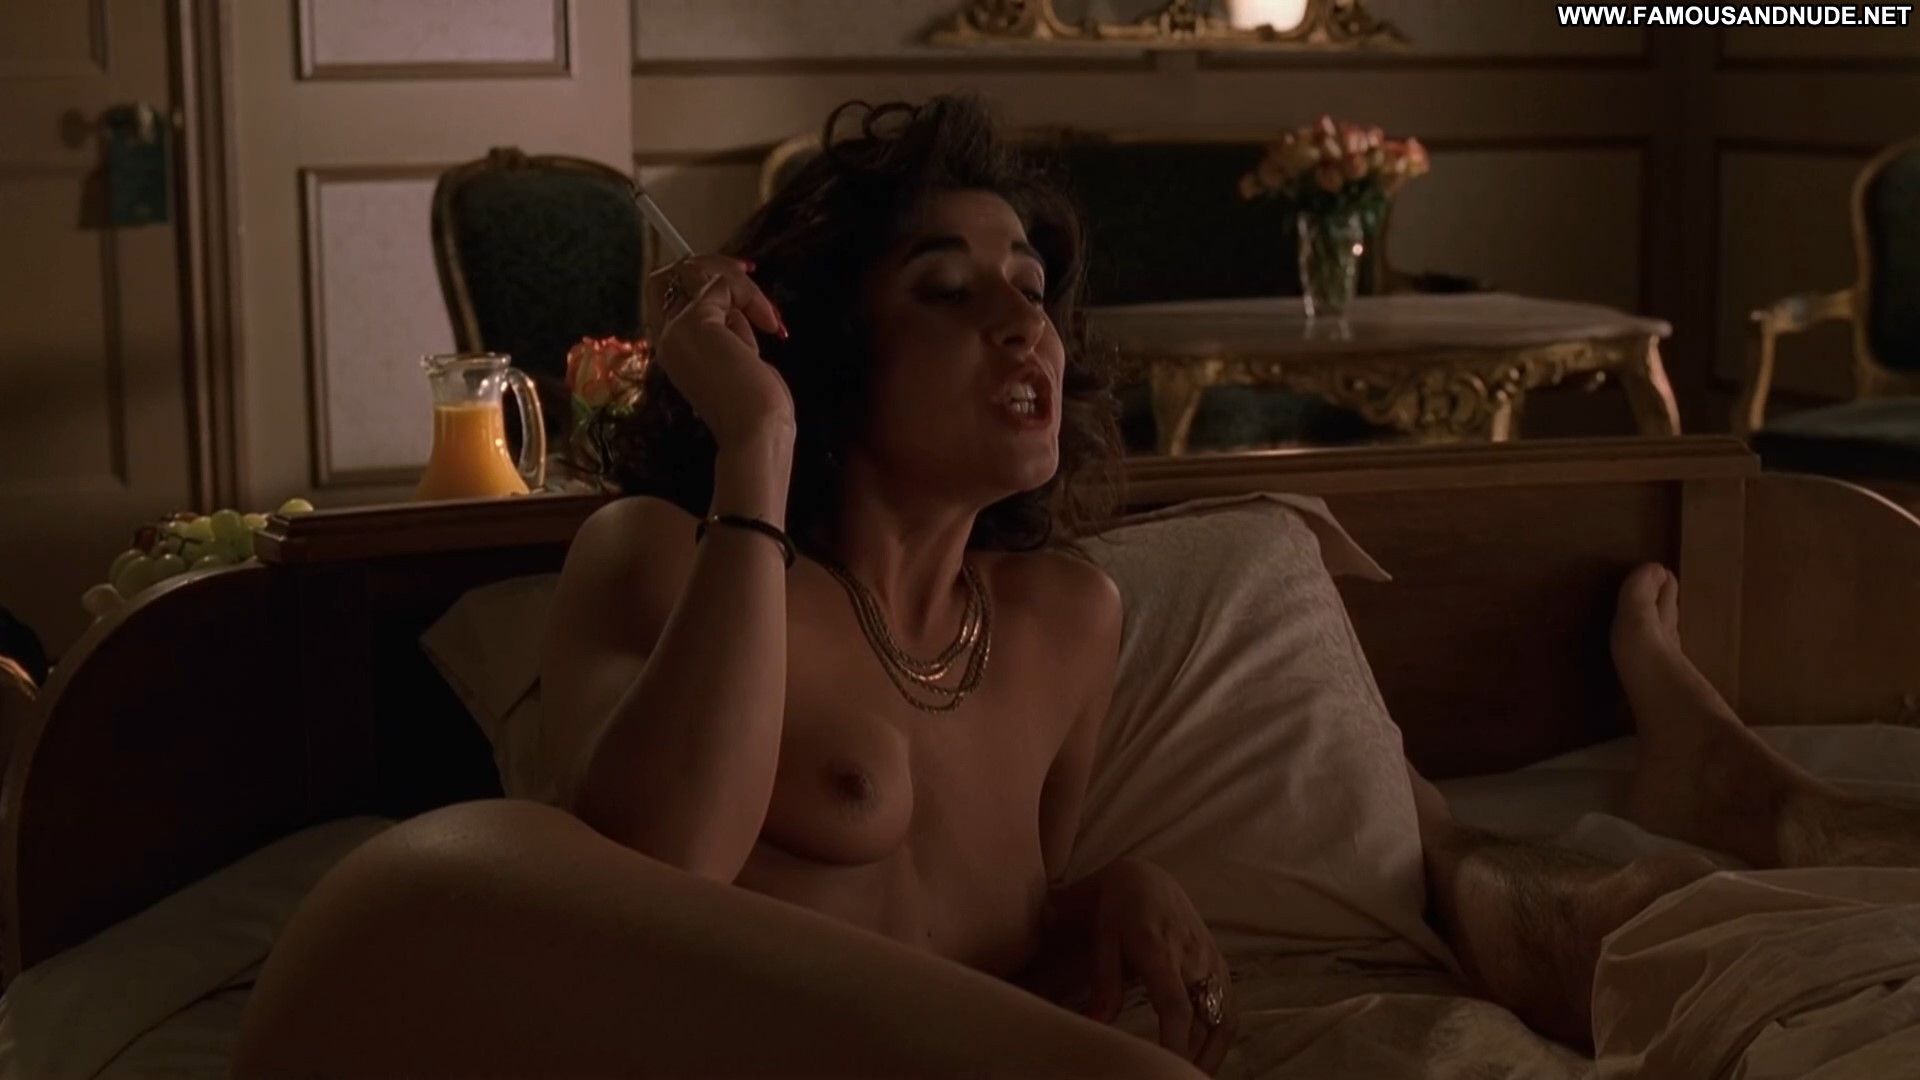 Lorraine Bracco Turned Down Playing Tony Soprano's Wife Carmela